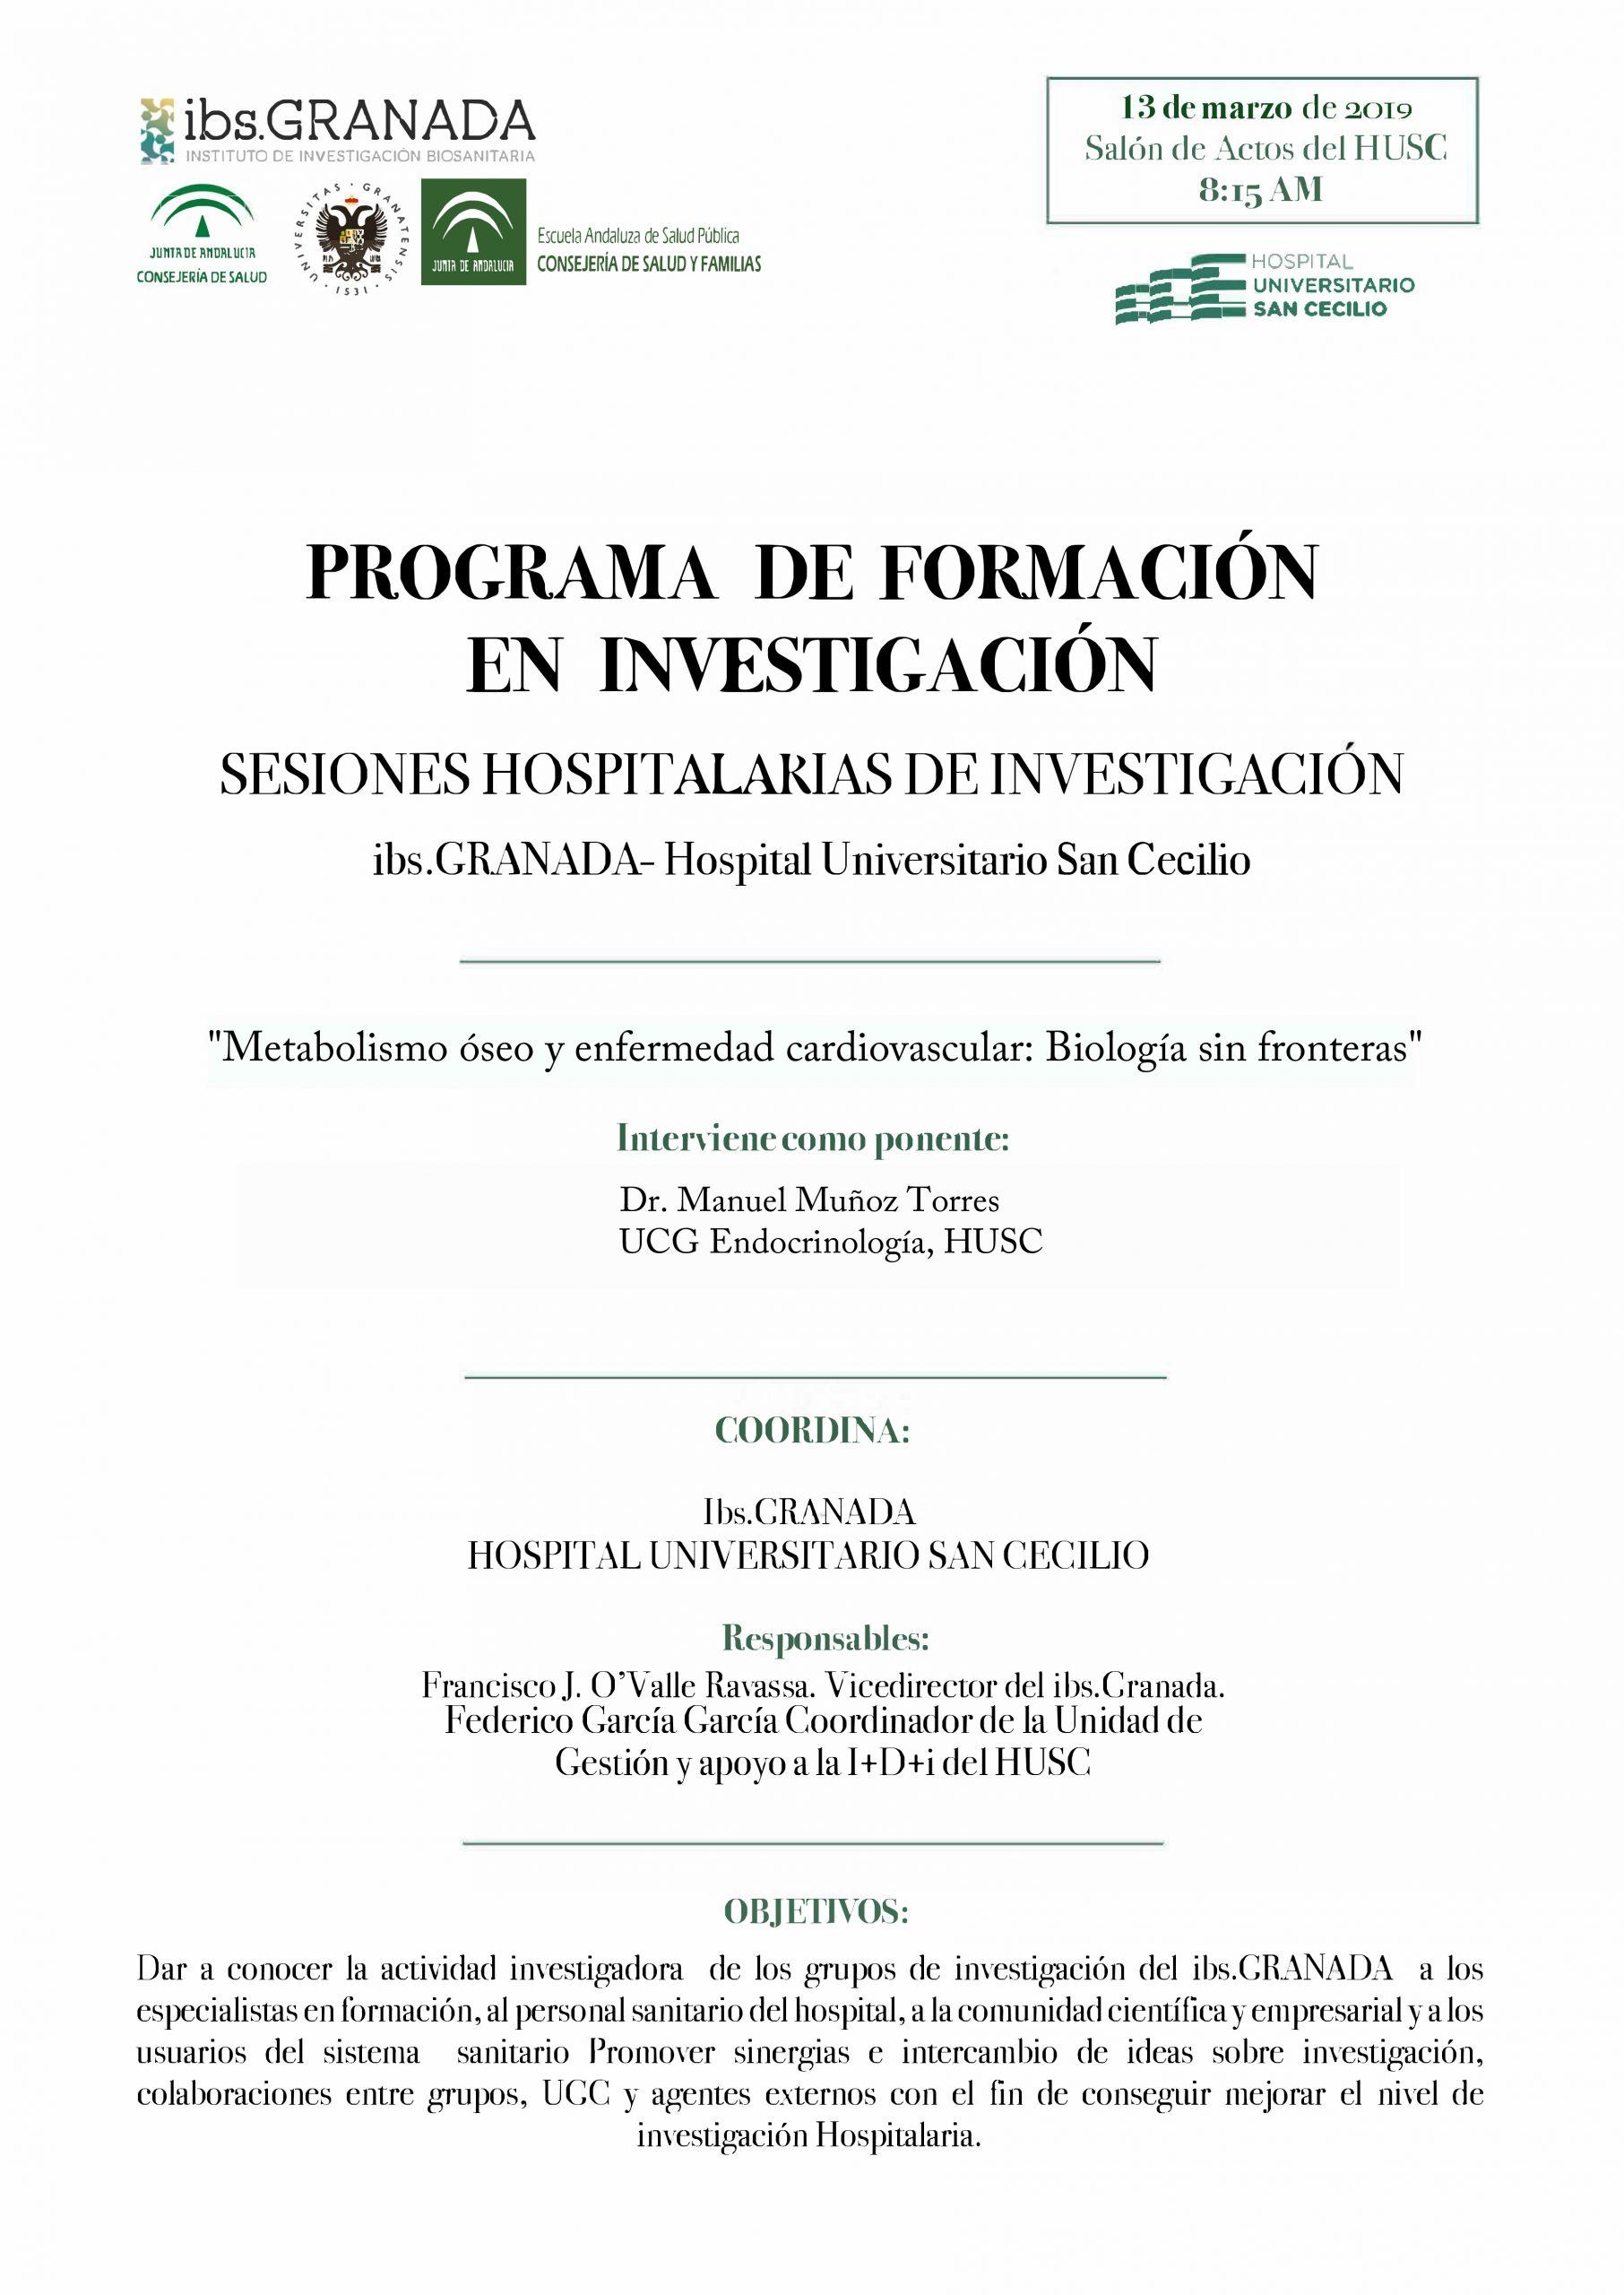 """Sesión Hospitalaria: """"Metabolismo óseo y enfermedad cardiovascular: Biología sin fronteras """""""